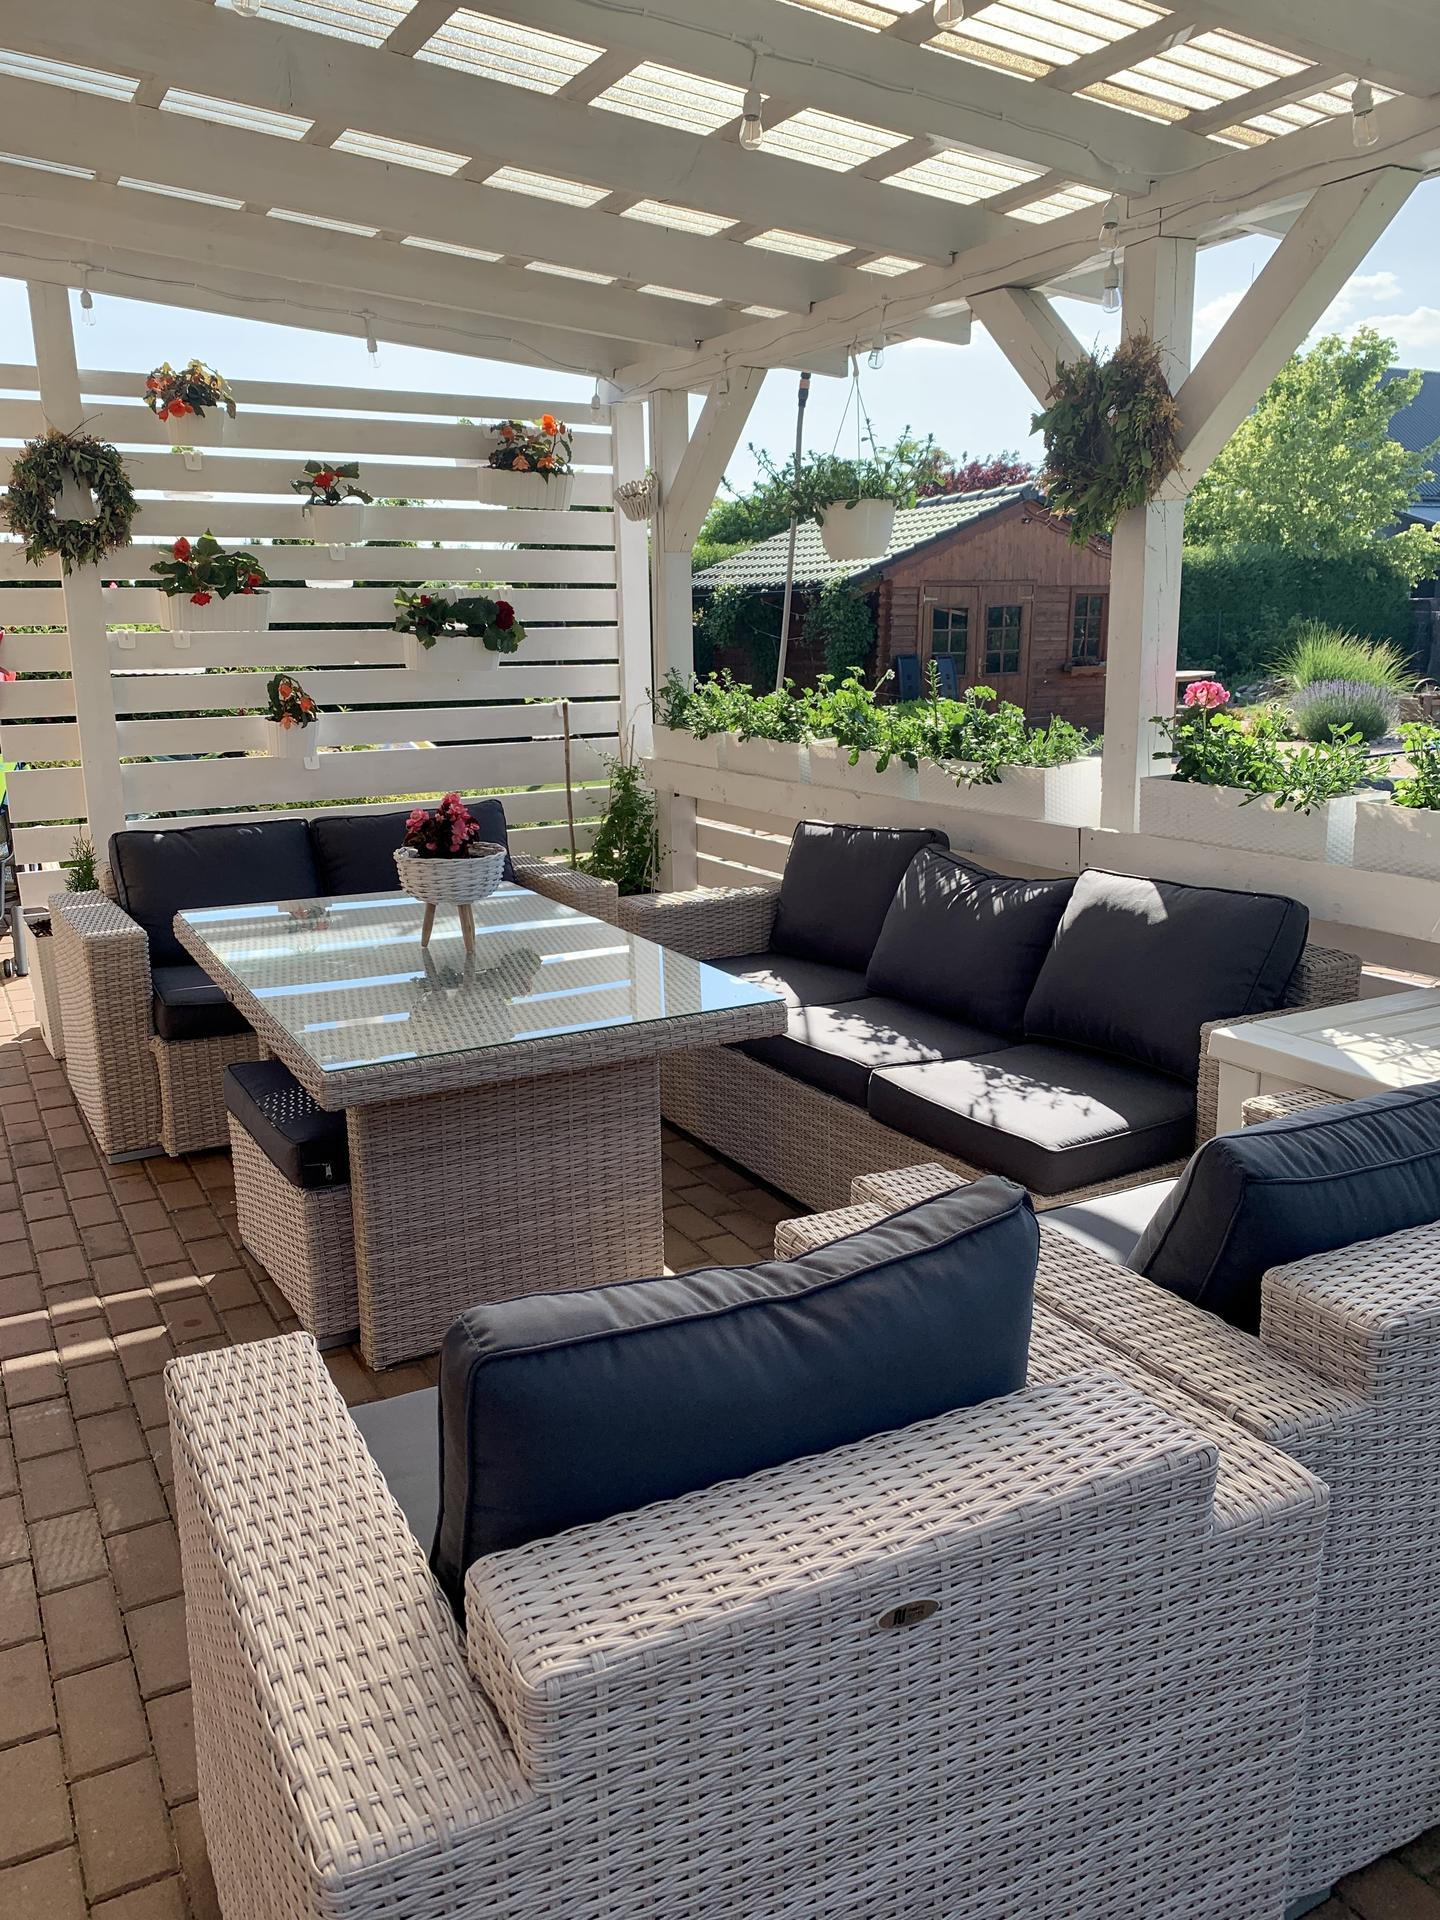 Naše barevná zahrada 🌸 - Abychom si to nové sezení ještě více zpříjemnili, tak tam manžel vymyslel ze dřeva zástěnu 👍 hned jsme ji osázeli. Ve stínu begonie…